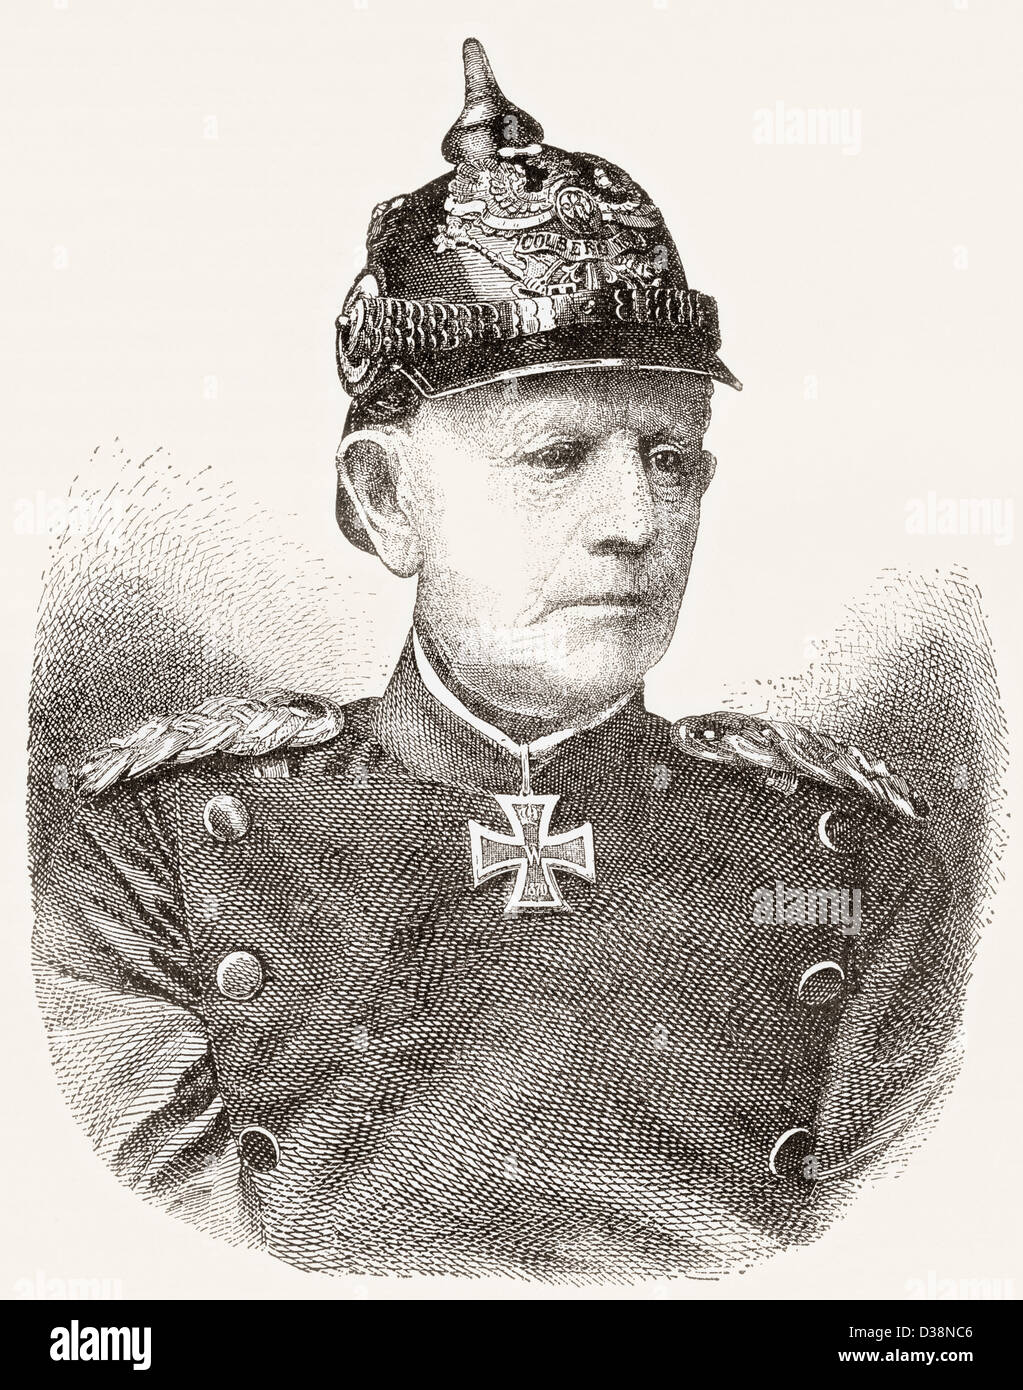 Helmuth Karl Bernhard Graf von Moltke, 1800 -1891. German Field Marshal. - Stock Image